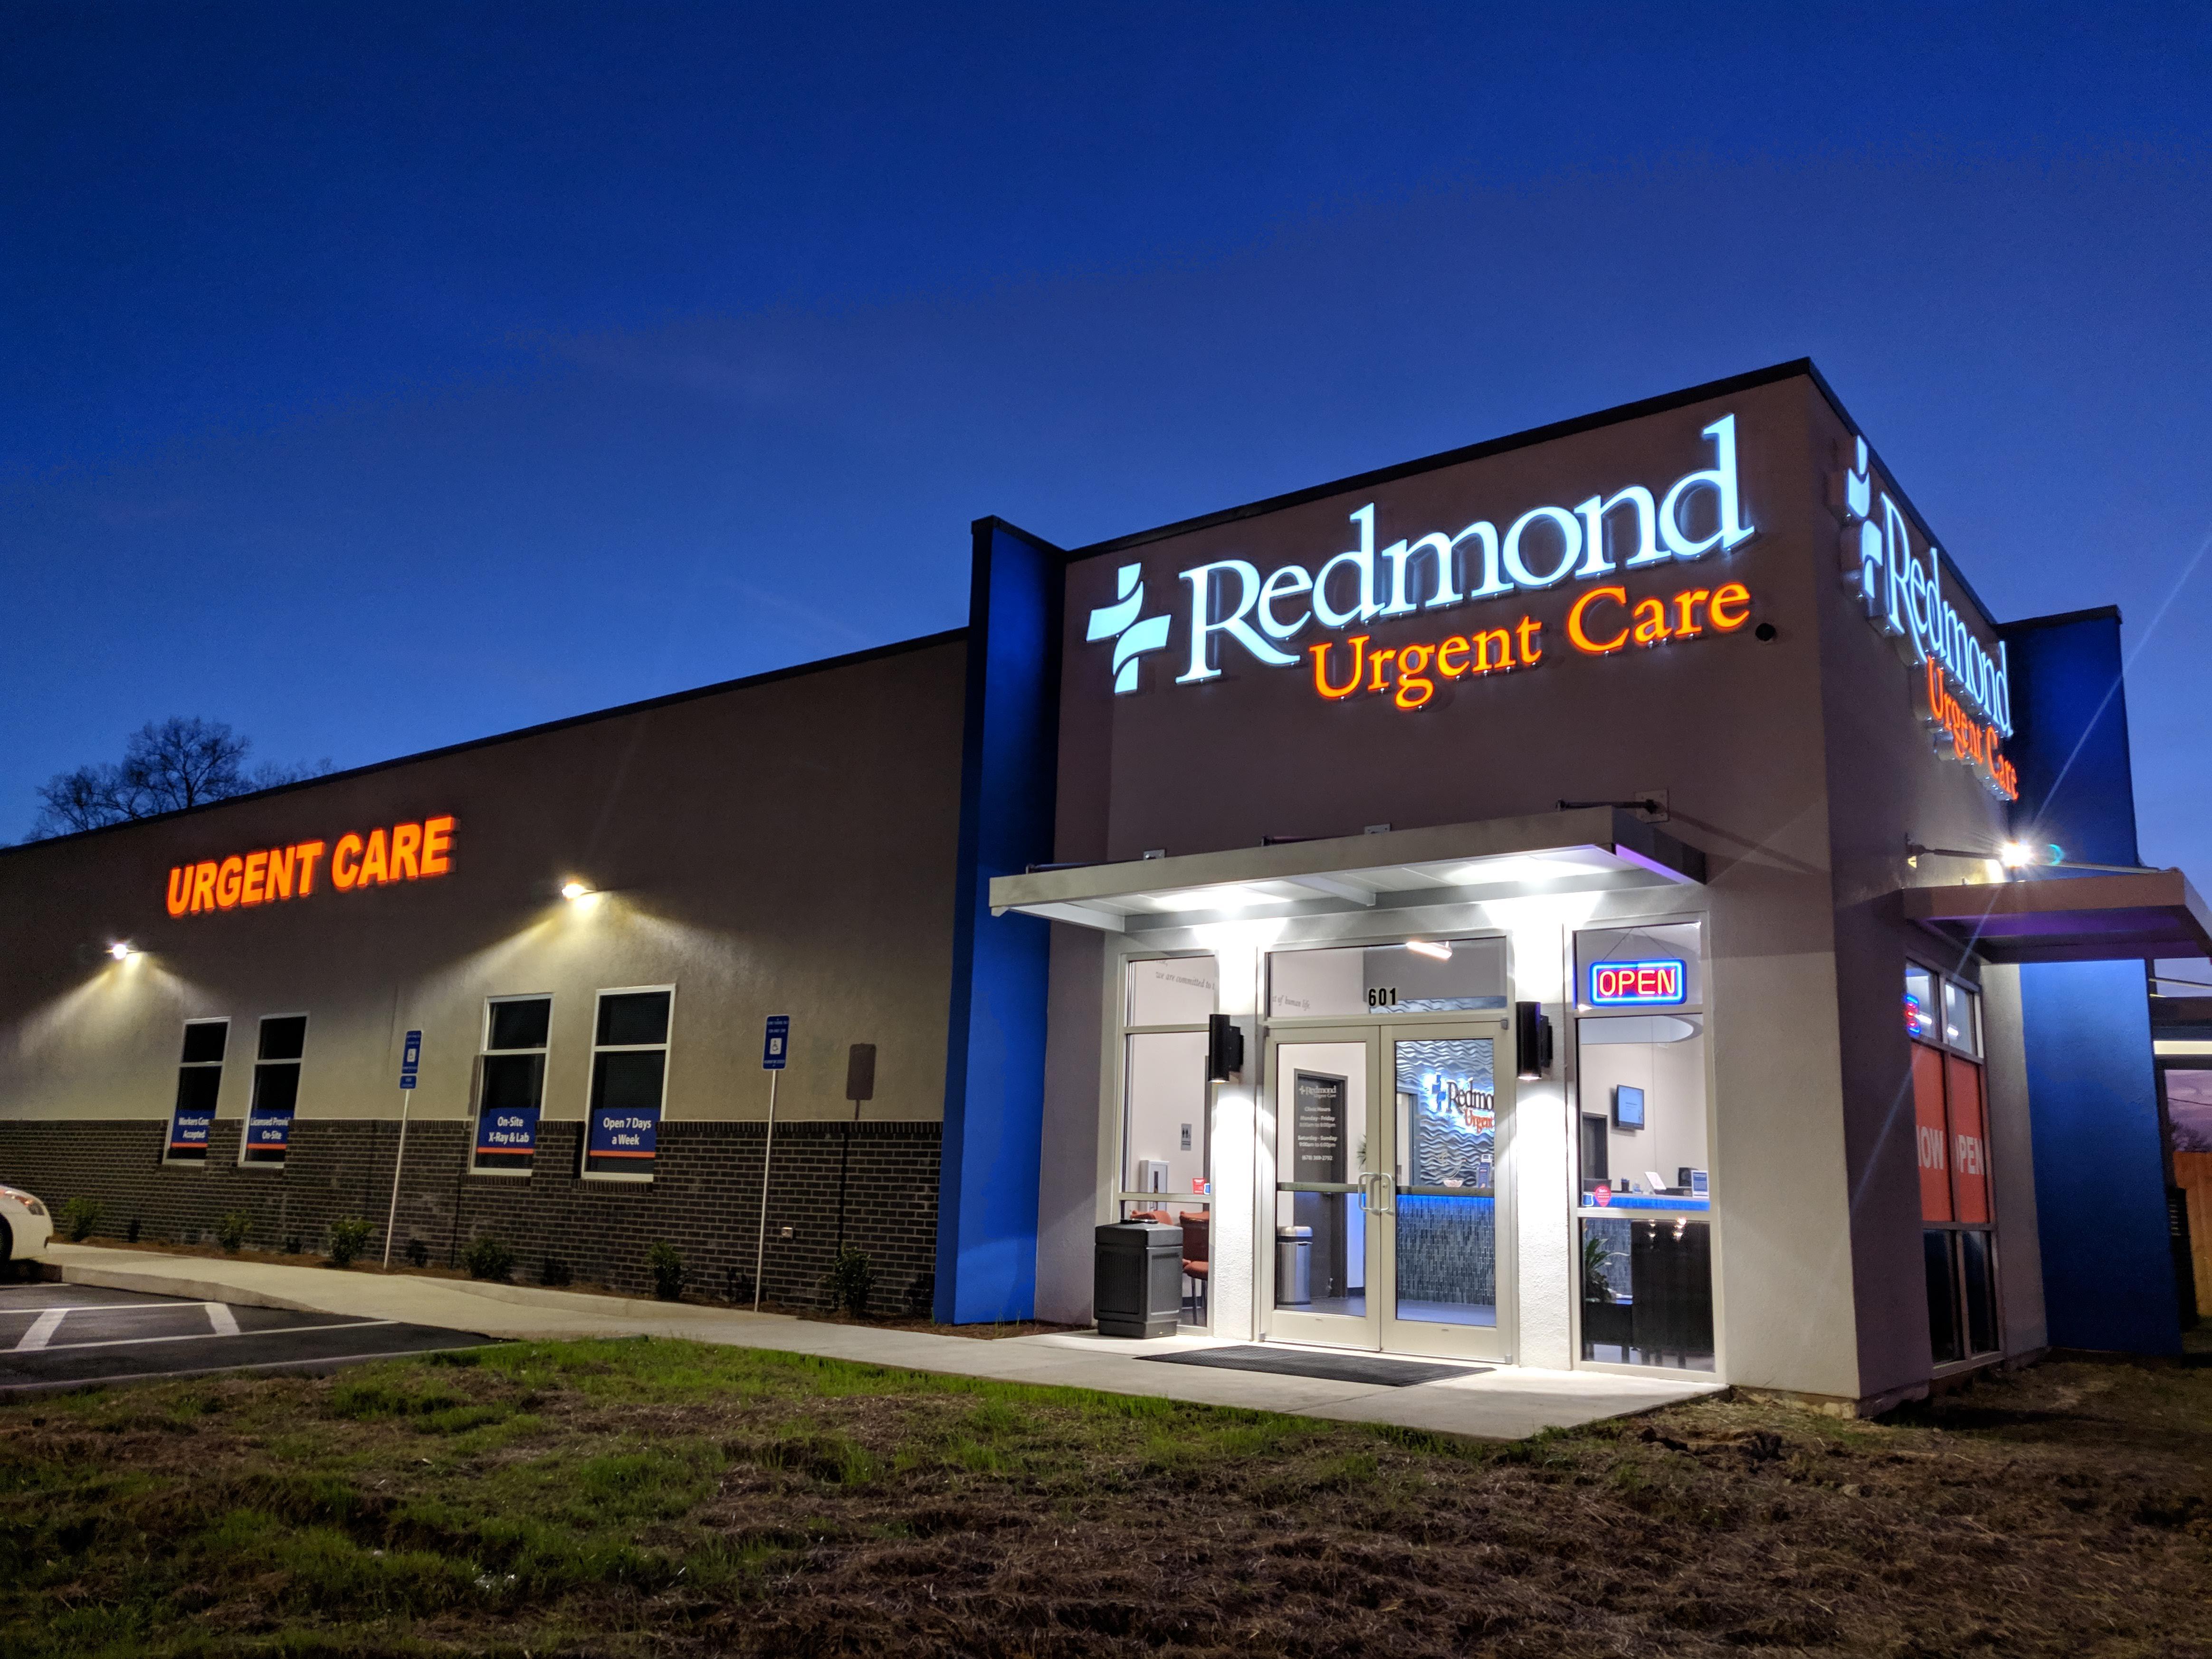 Redmond Urgent Care - East Rome - Urgent Care Solv in Rome, GA